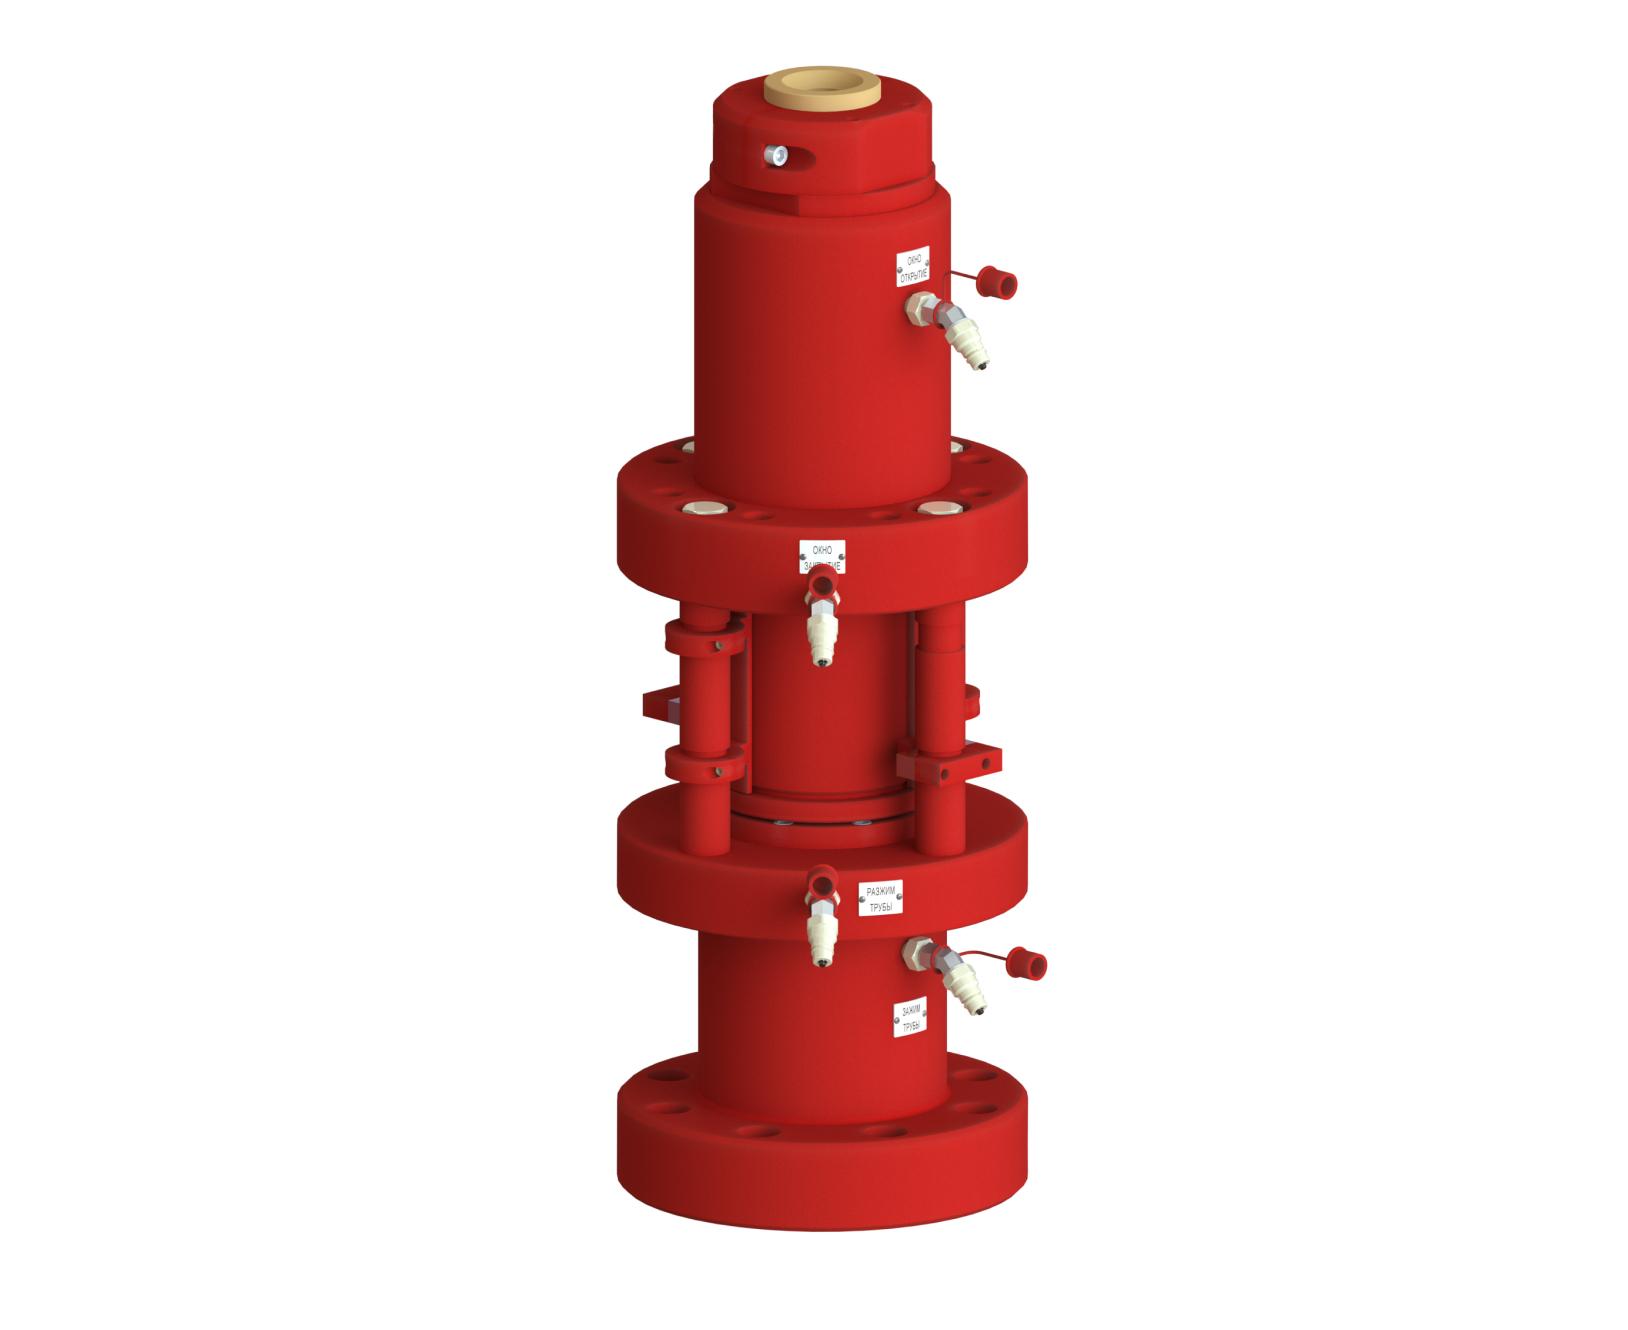 Герметизатор длинномерных безмуфтовых труб ГДБТ-80х70-К2